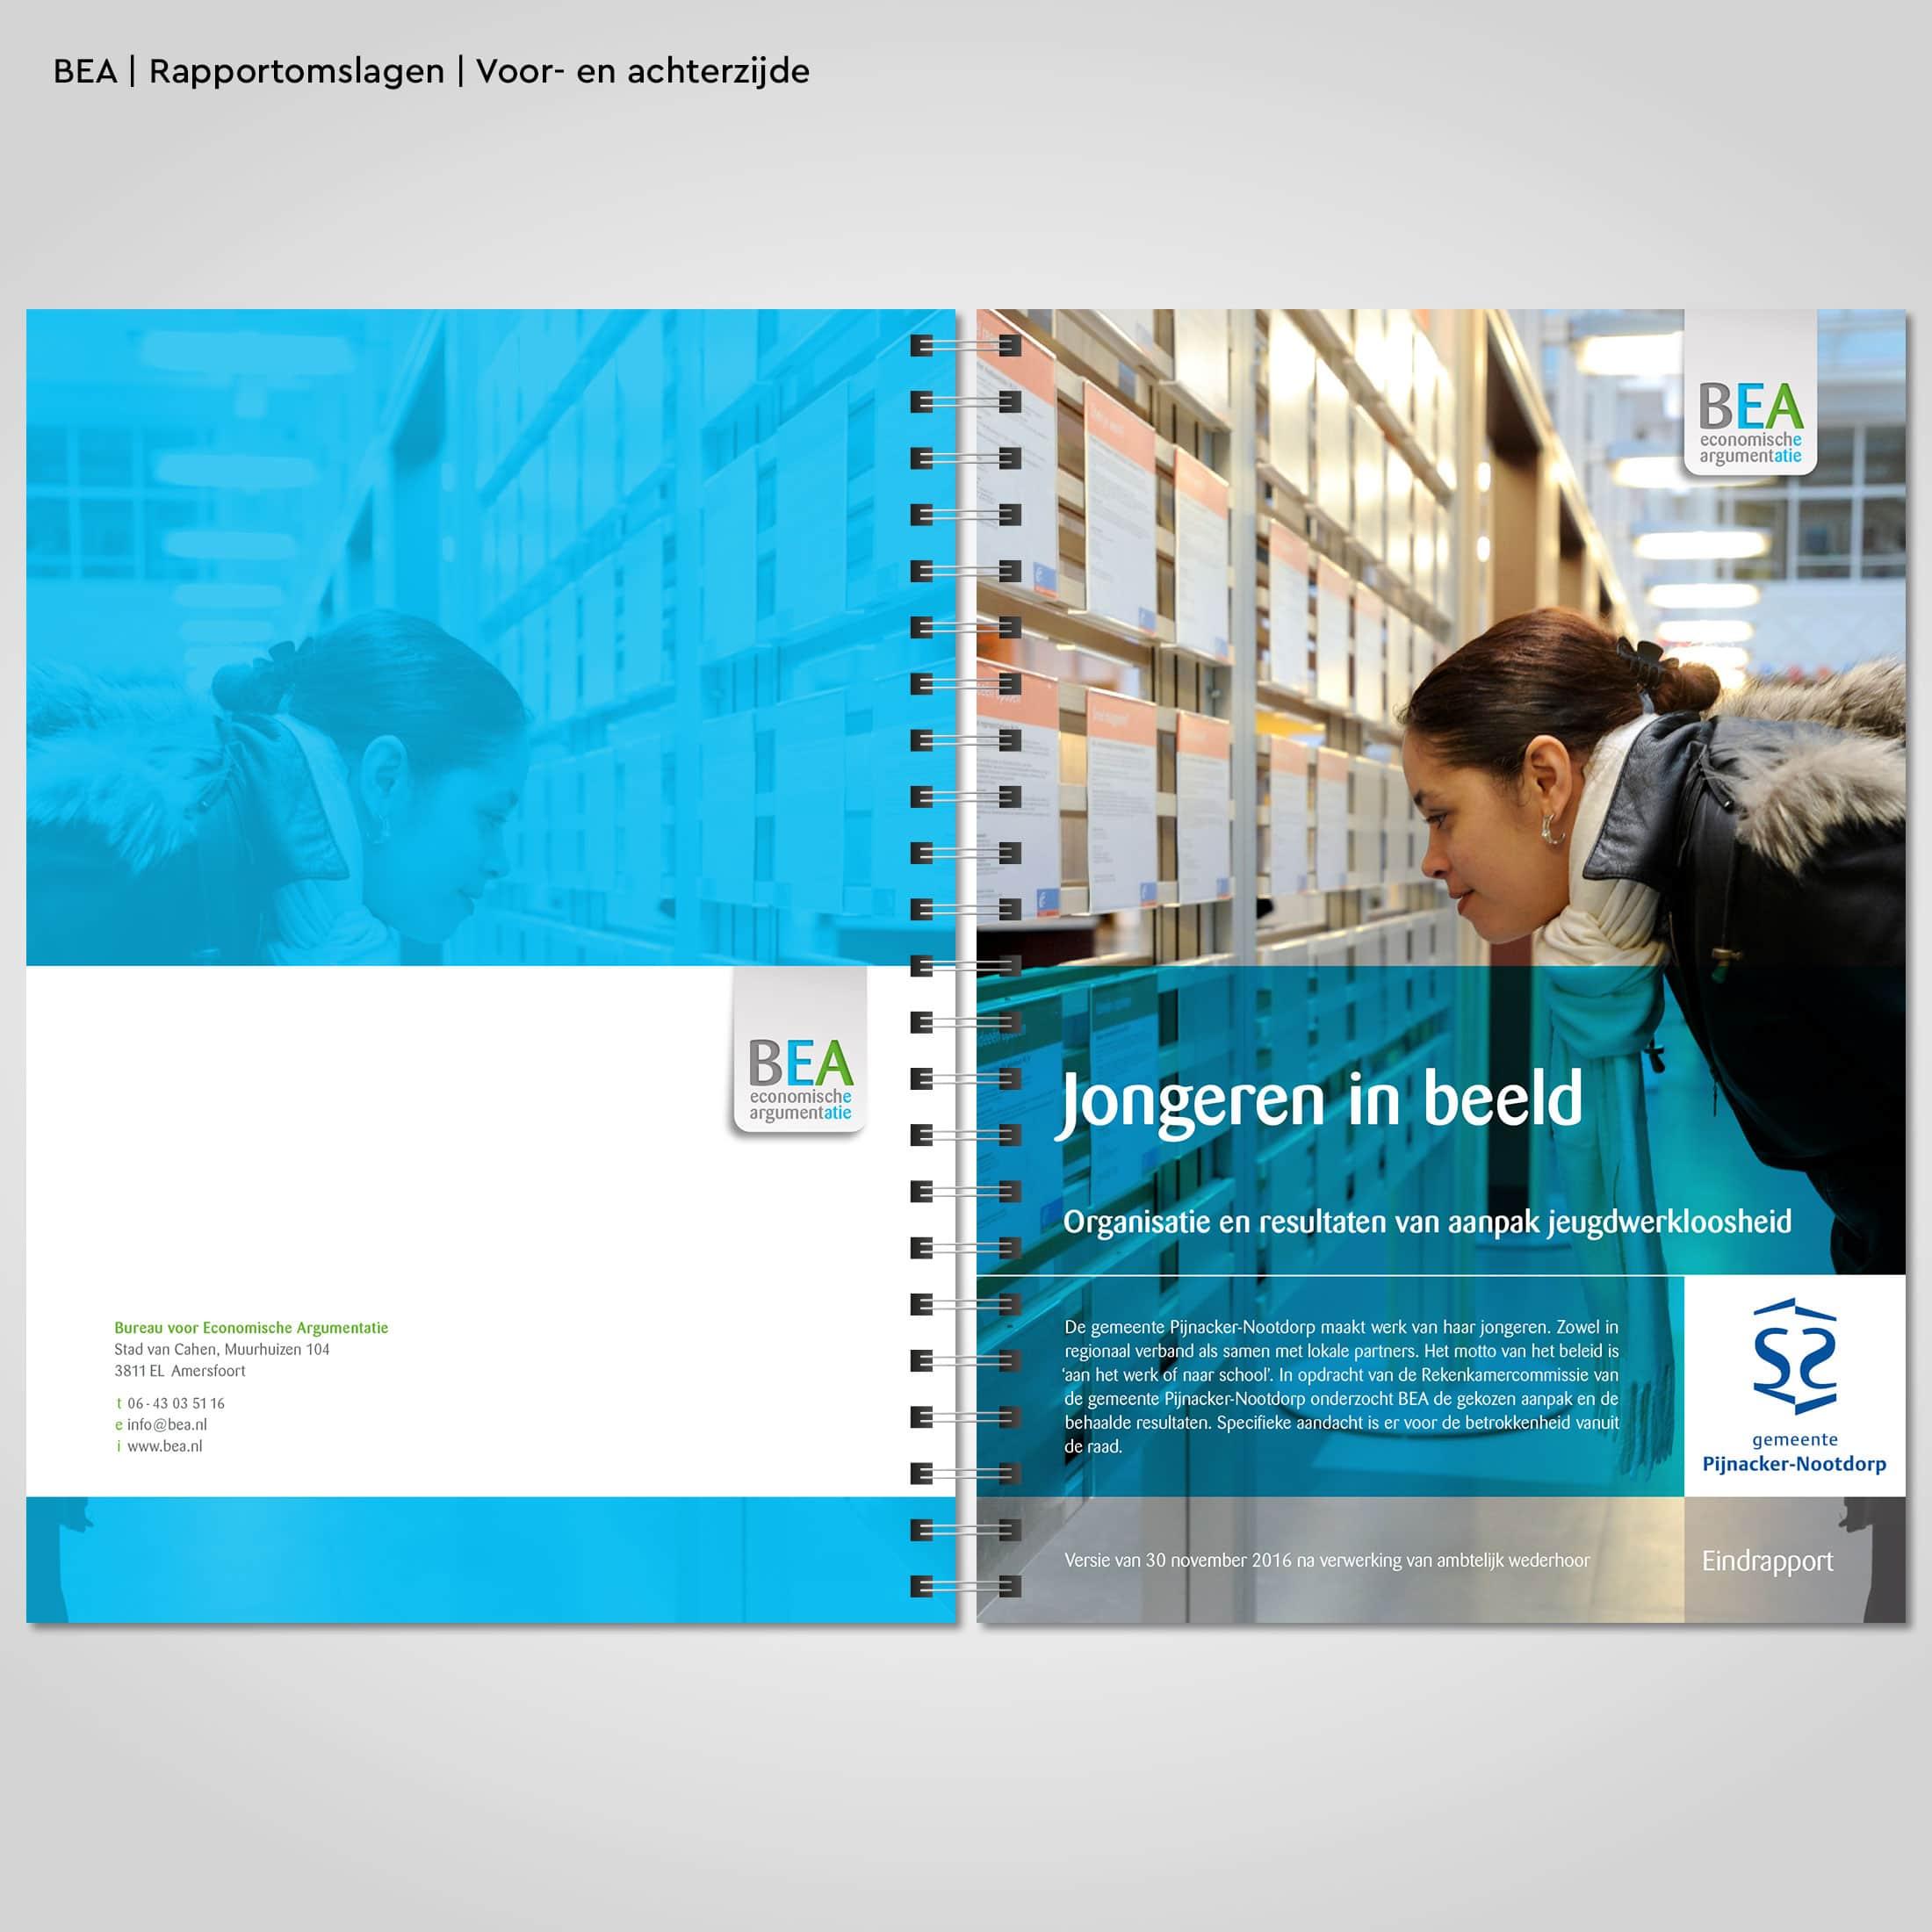 bea rapport voorachterkant 1 | BEA heeft unieke rapportomslagen in een handomdraai